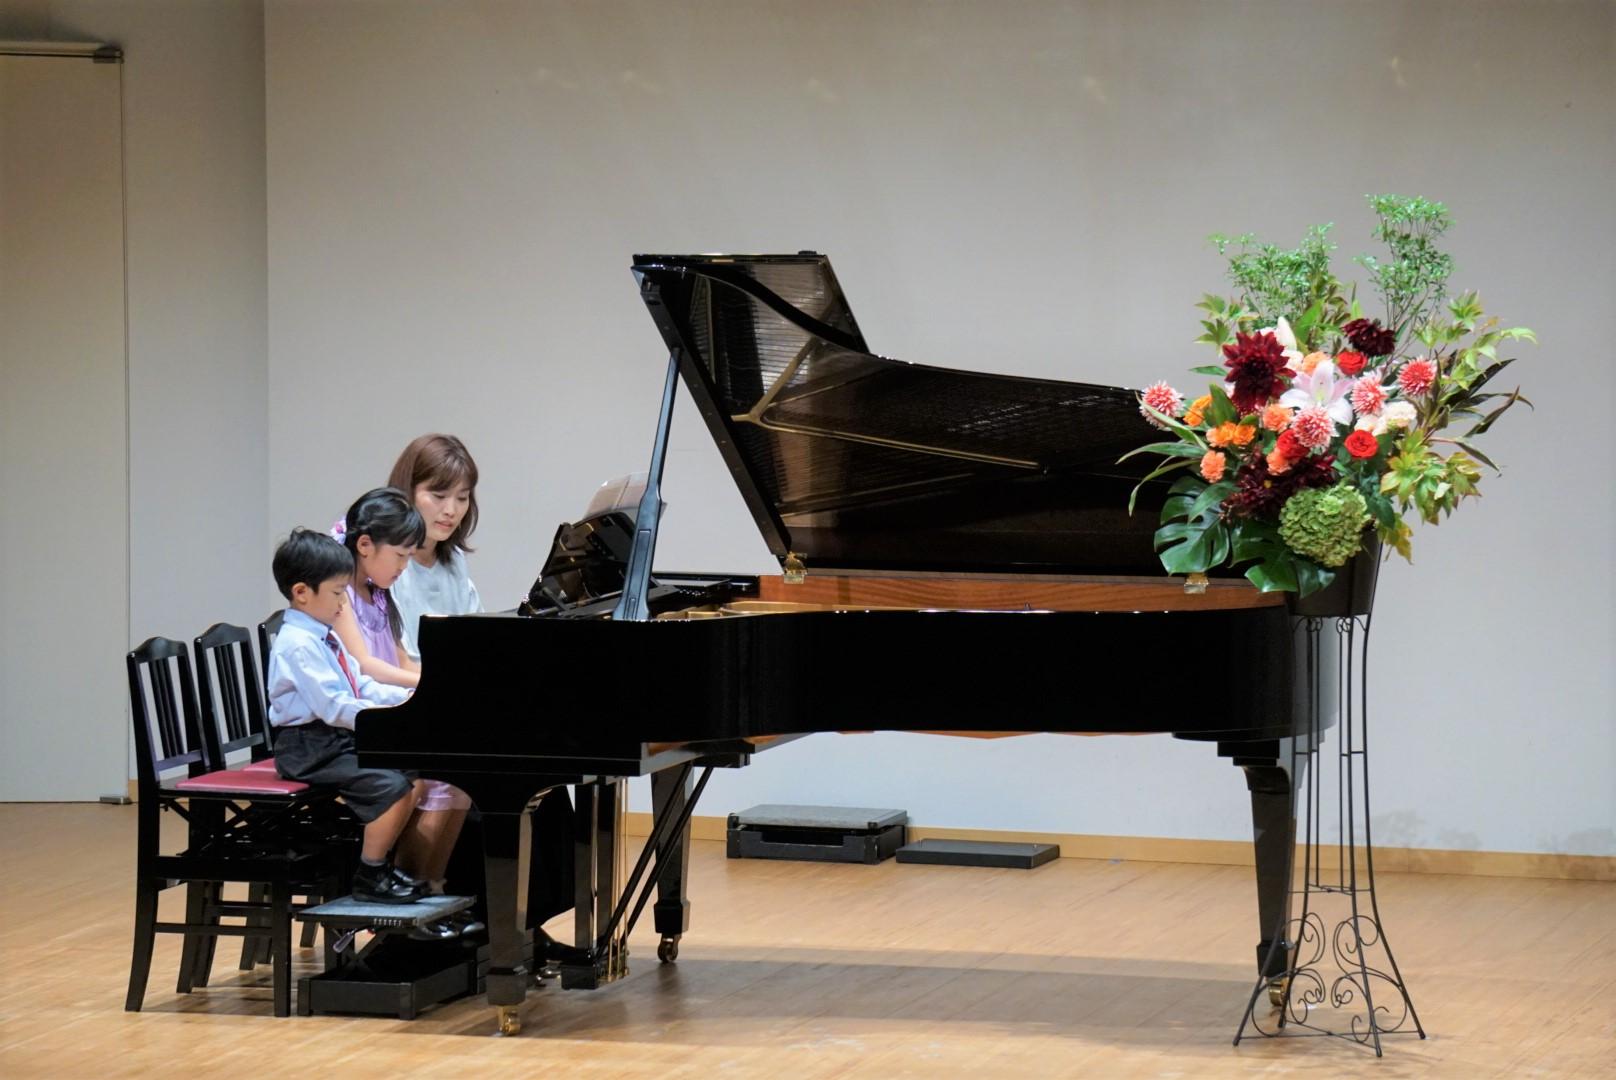 2018年10月27日 奏の会ピアノ発表会 親子のピアノ連弾